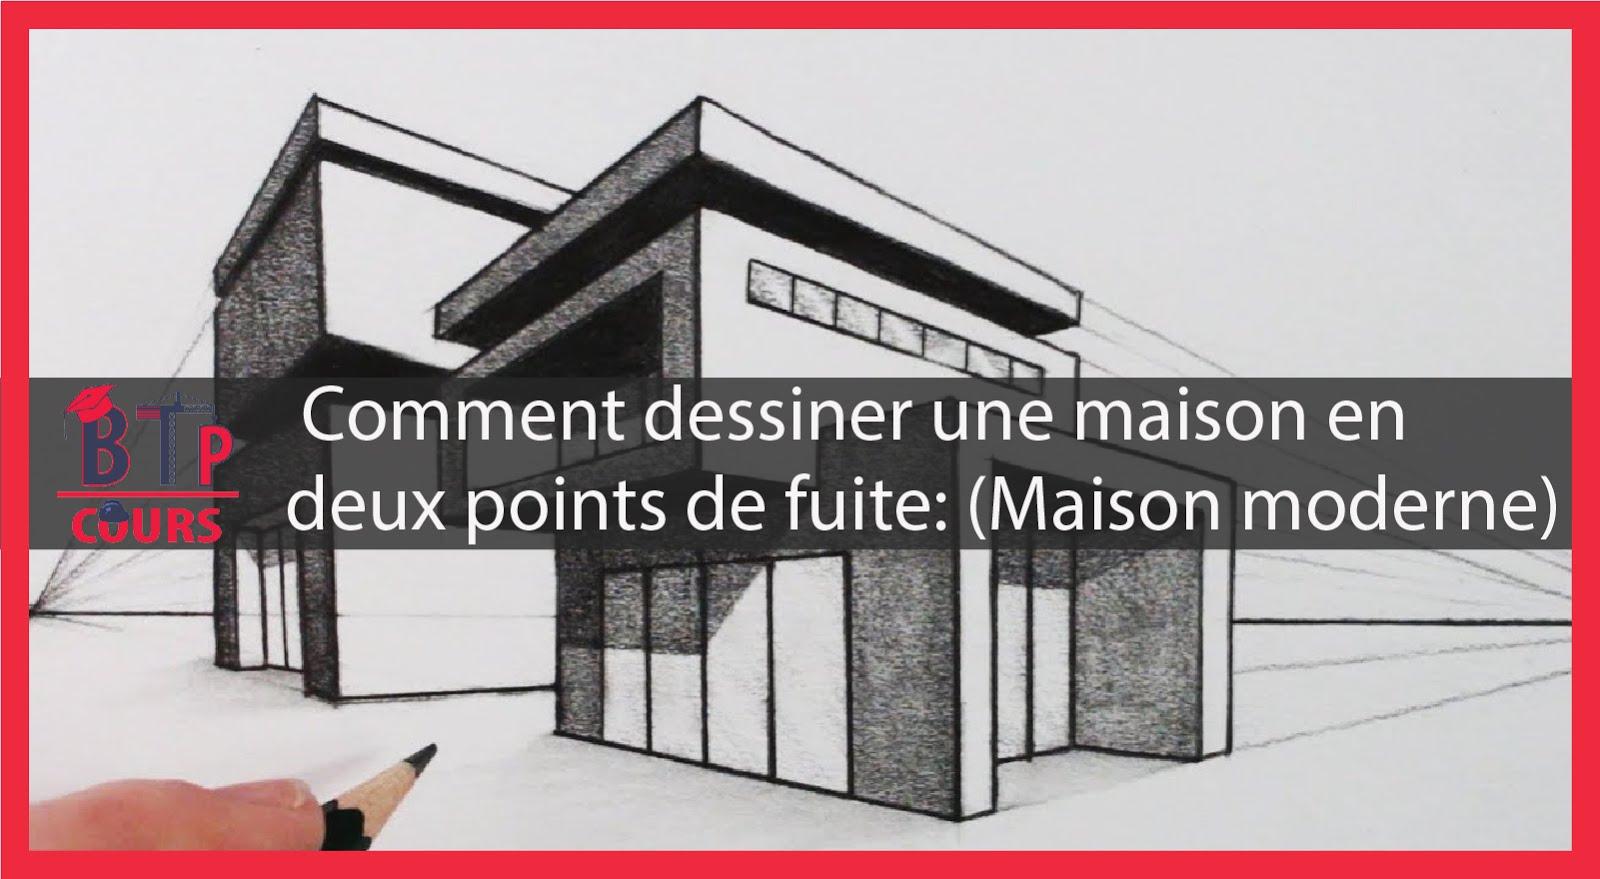 Comment Dessiner Une Maison En Deux Points De Fuite Maison Moderne Cours Btp